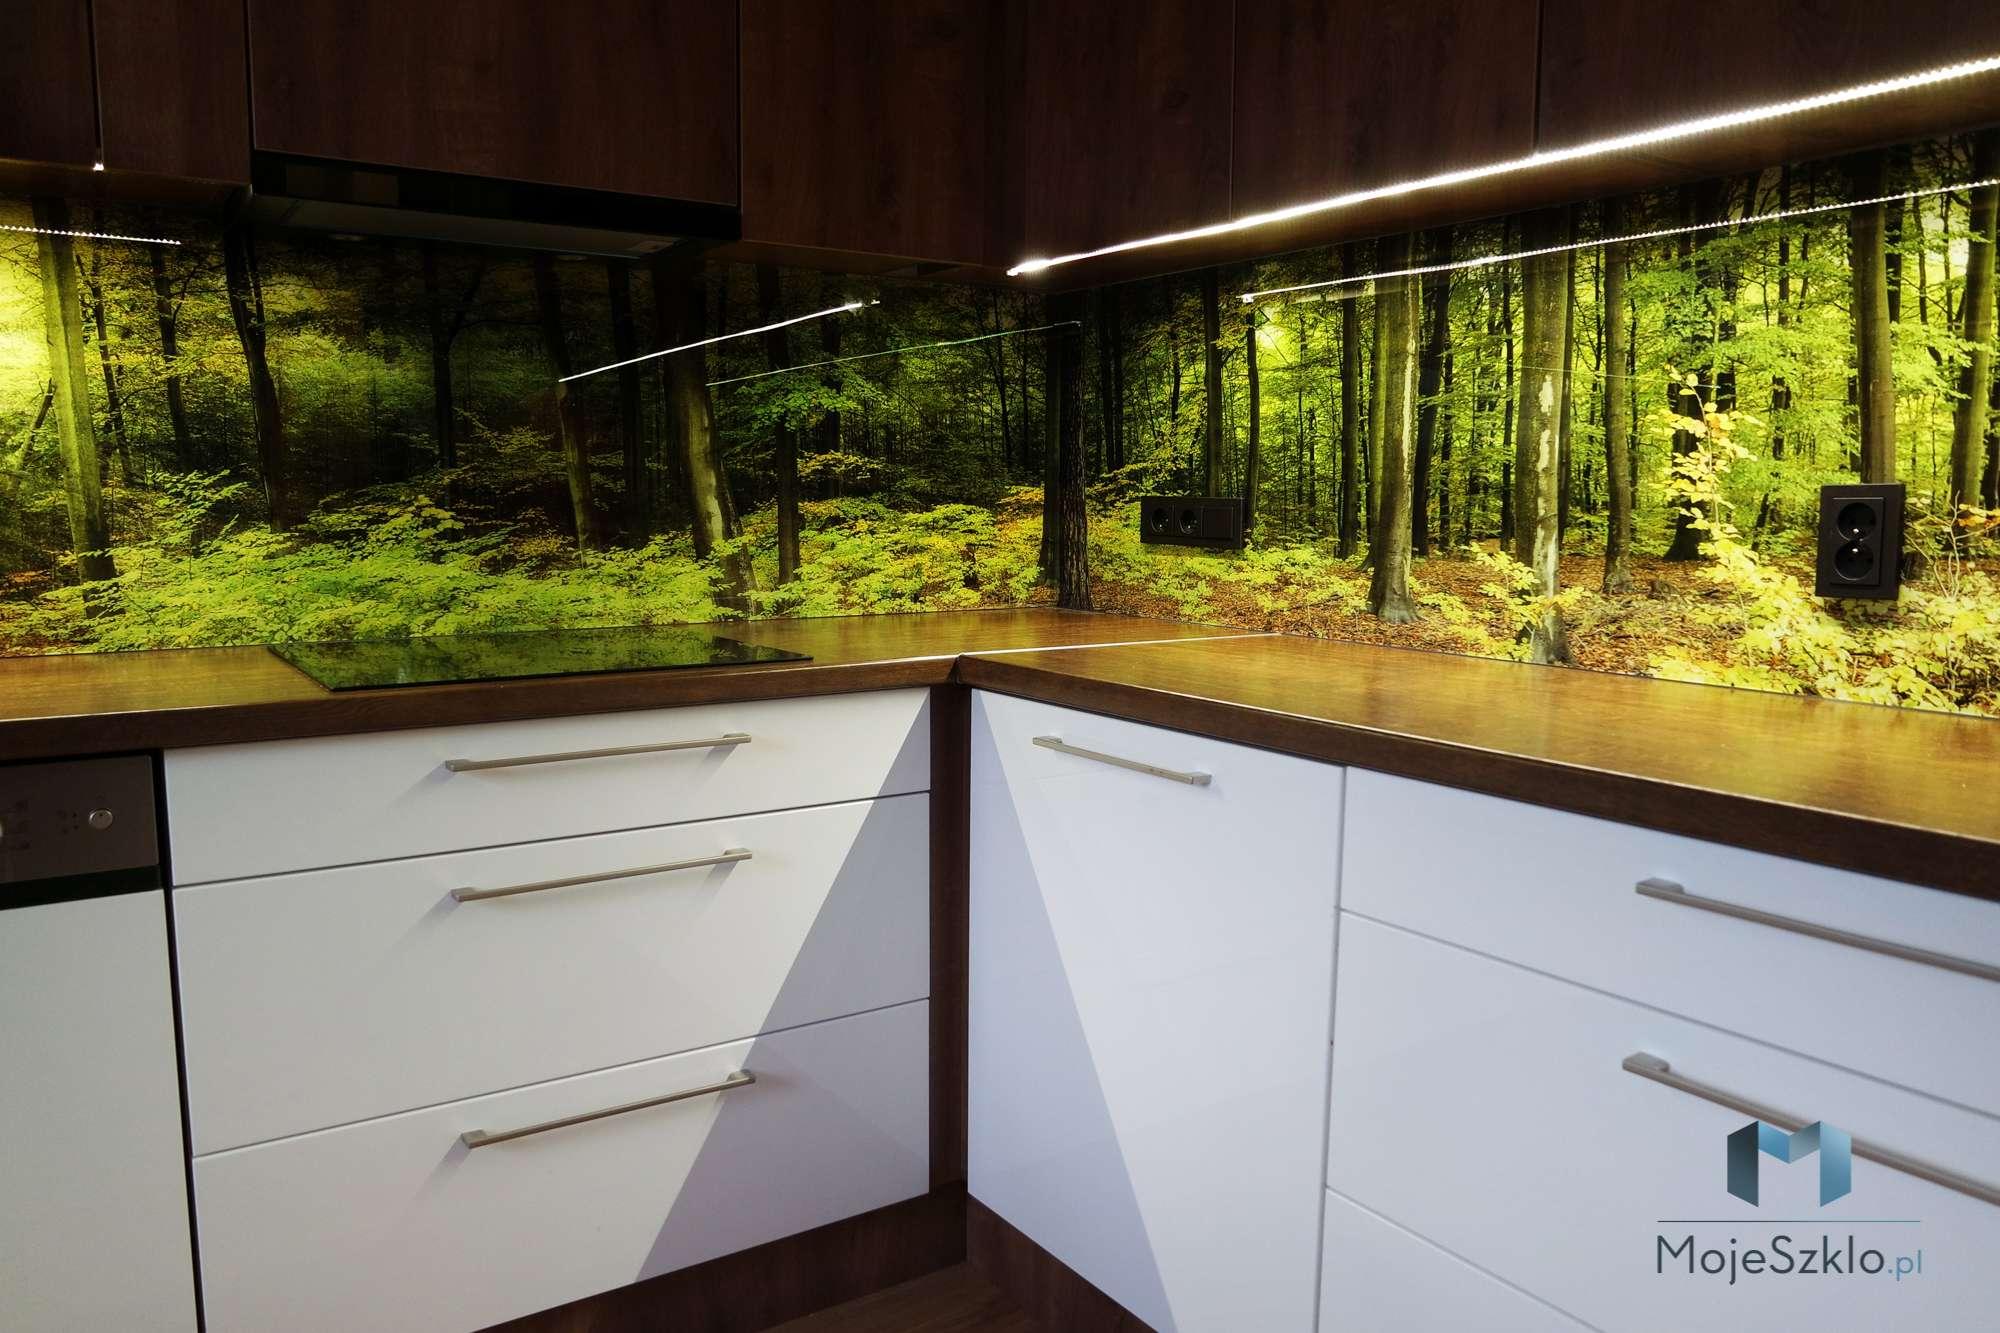 Szklo W Kuchni Las Krakow - Szkło w kuchni. Krajobrazy i lasy